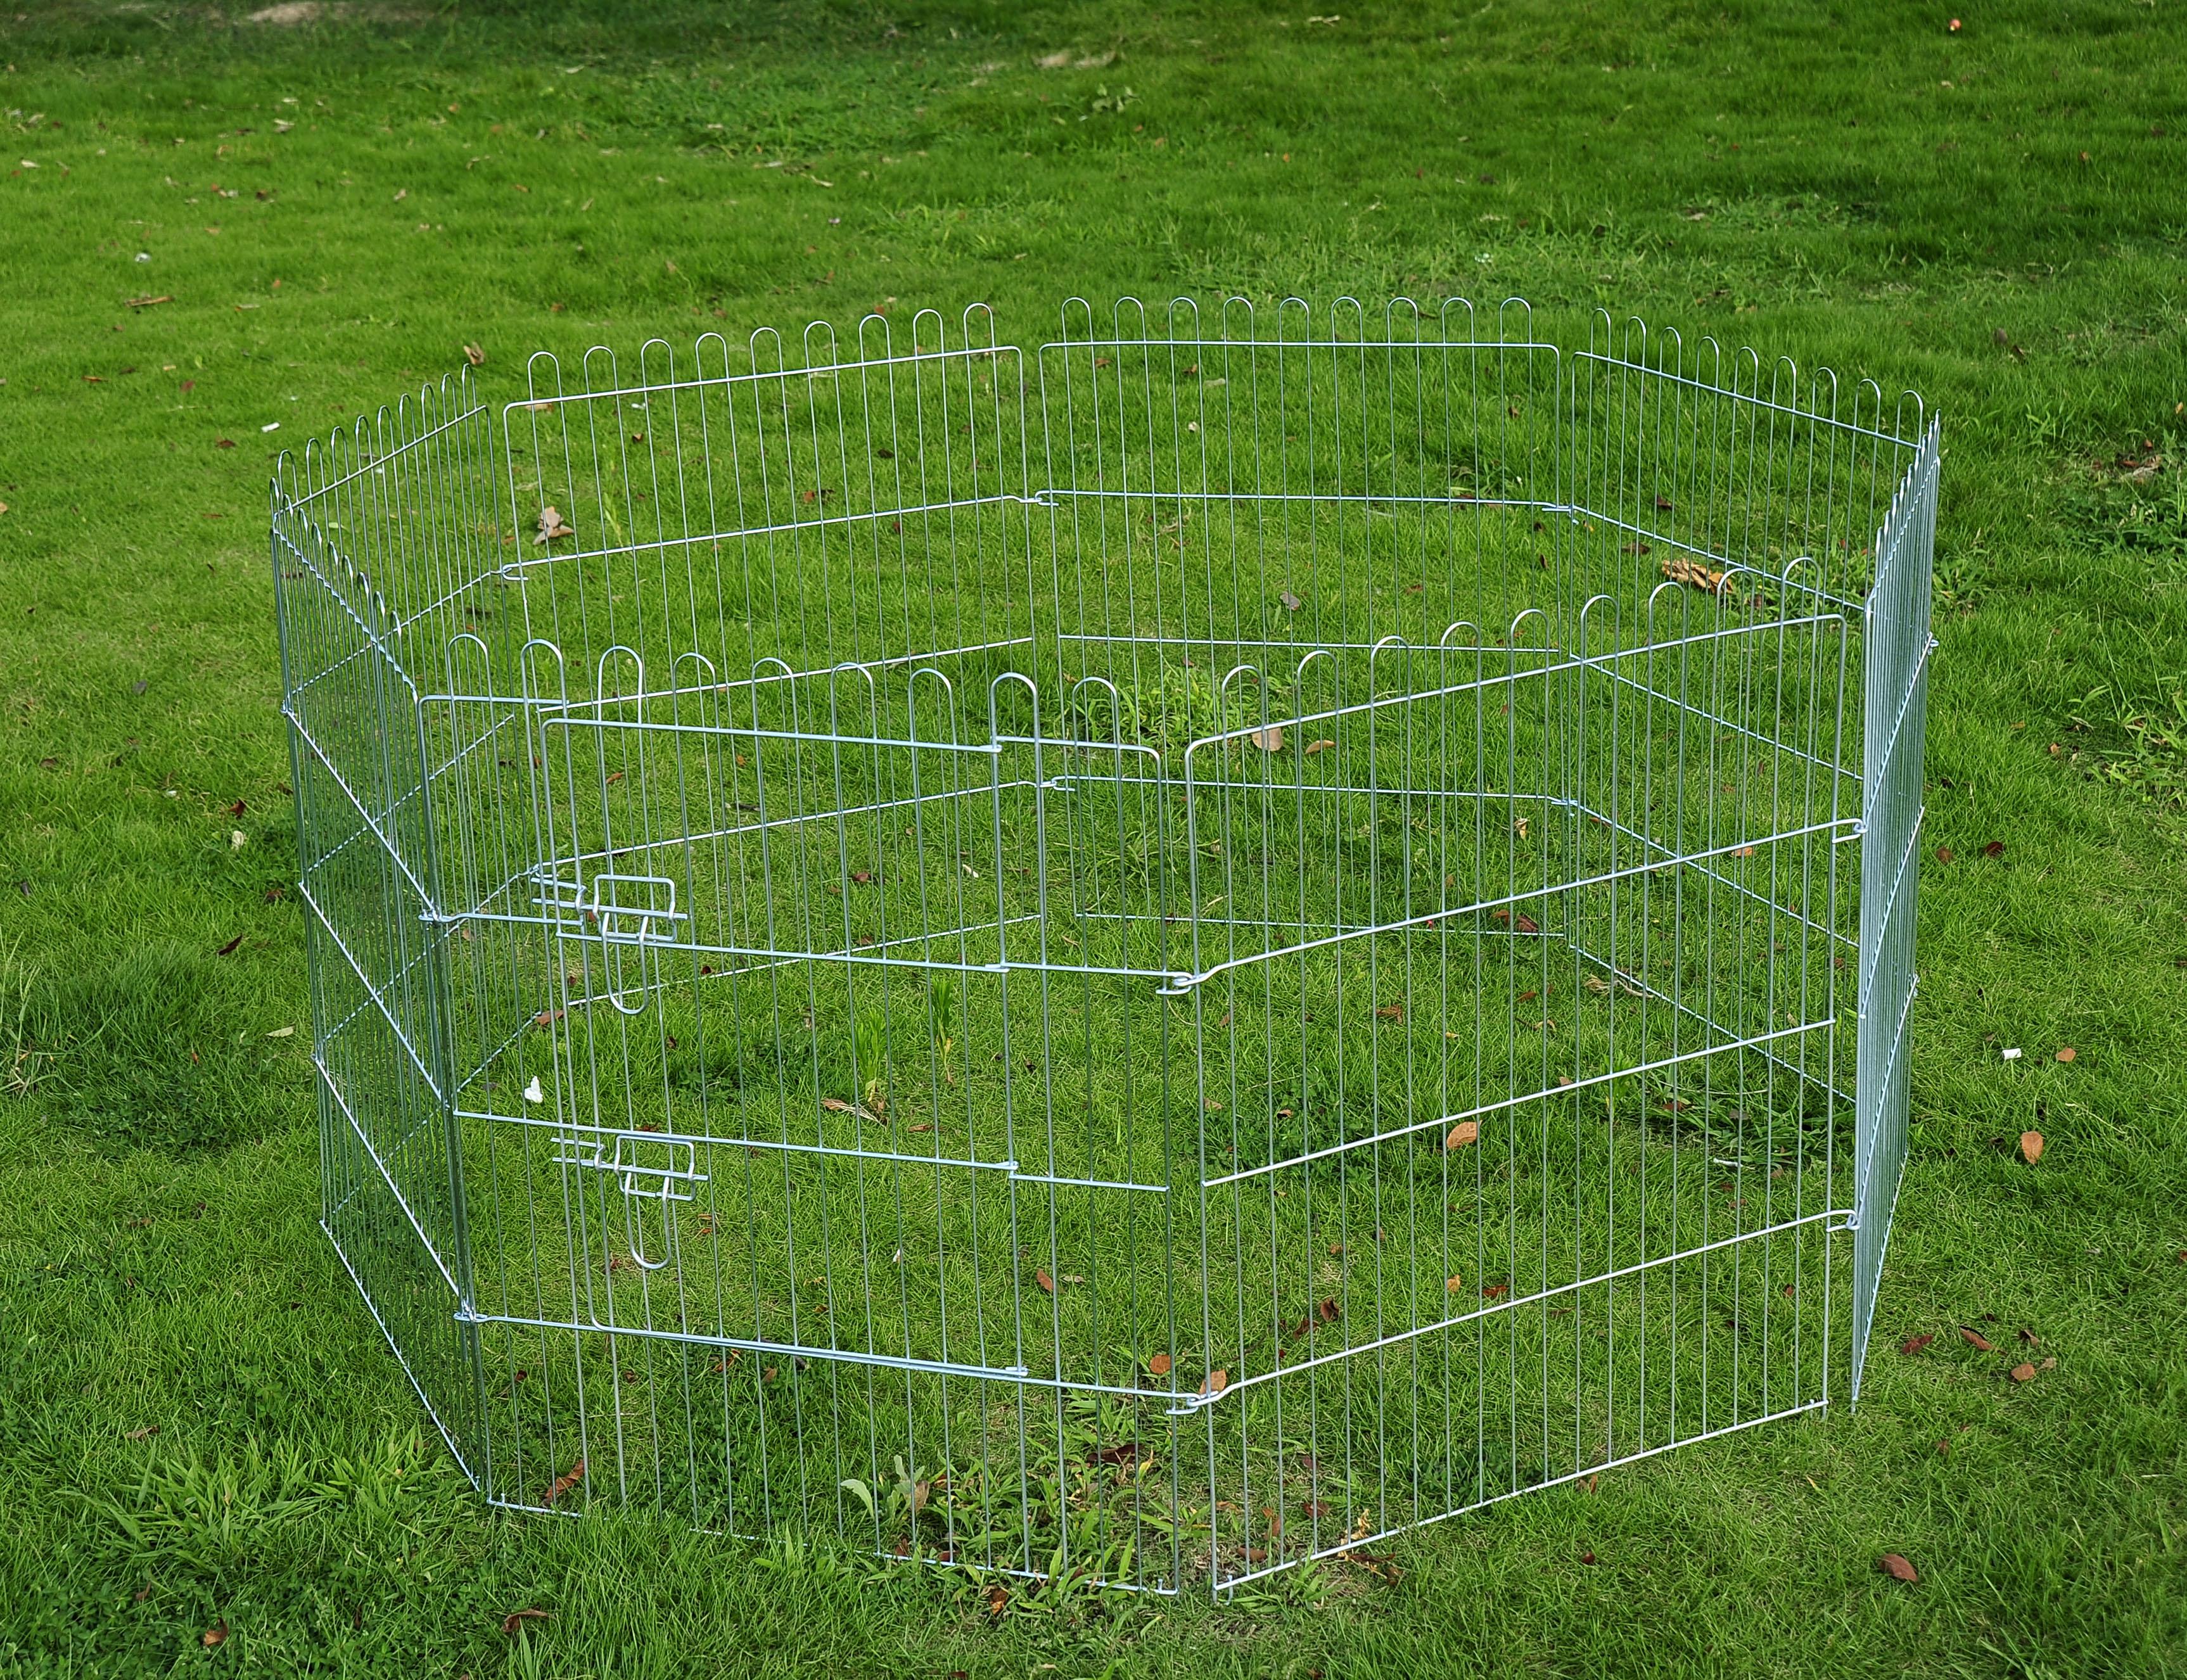 Image of EUR35,99 PawHut Valla para Perros Parque para Cachorros Animales Rejilla Black Friday D1-0046 8435428711887